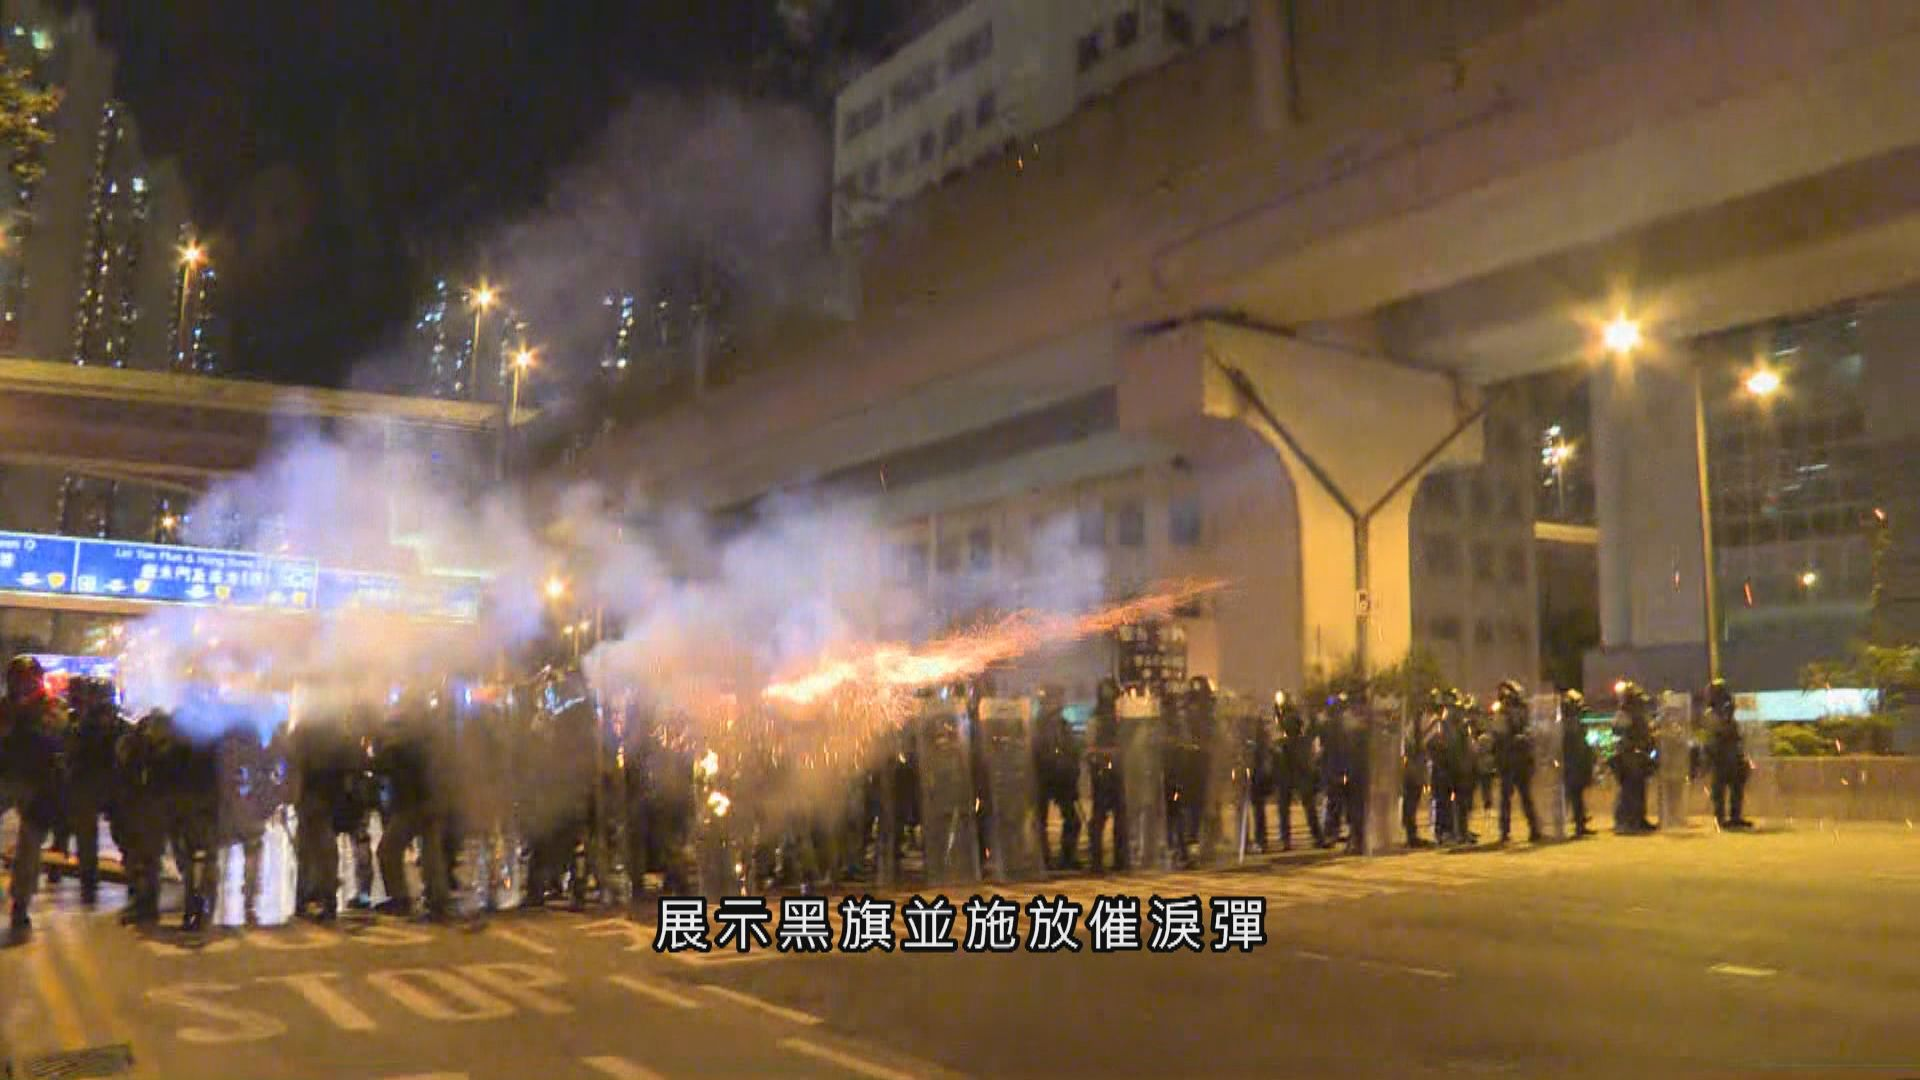 示威者佔據觀塘道 防暴警察催淚彈驅散